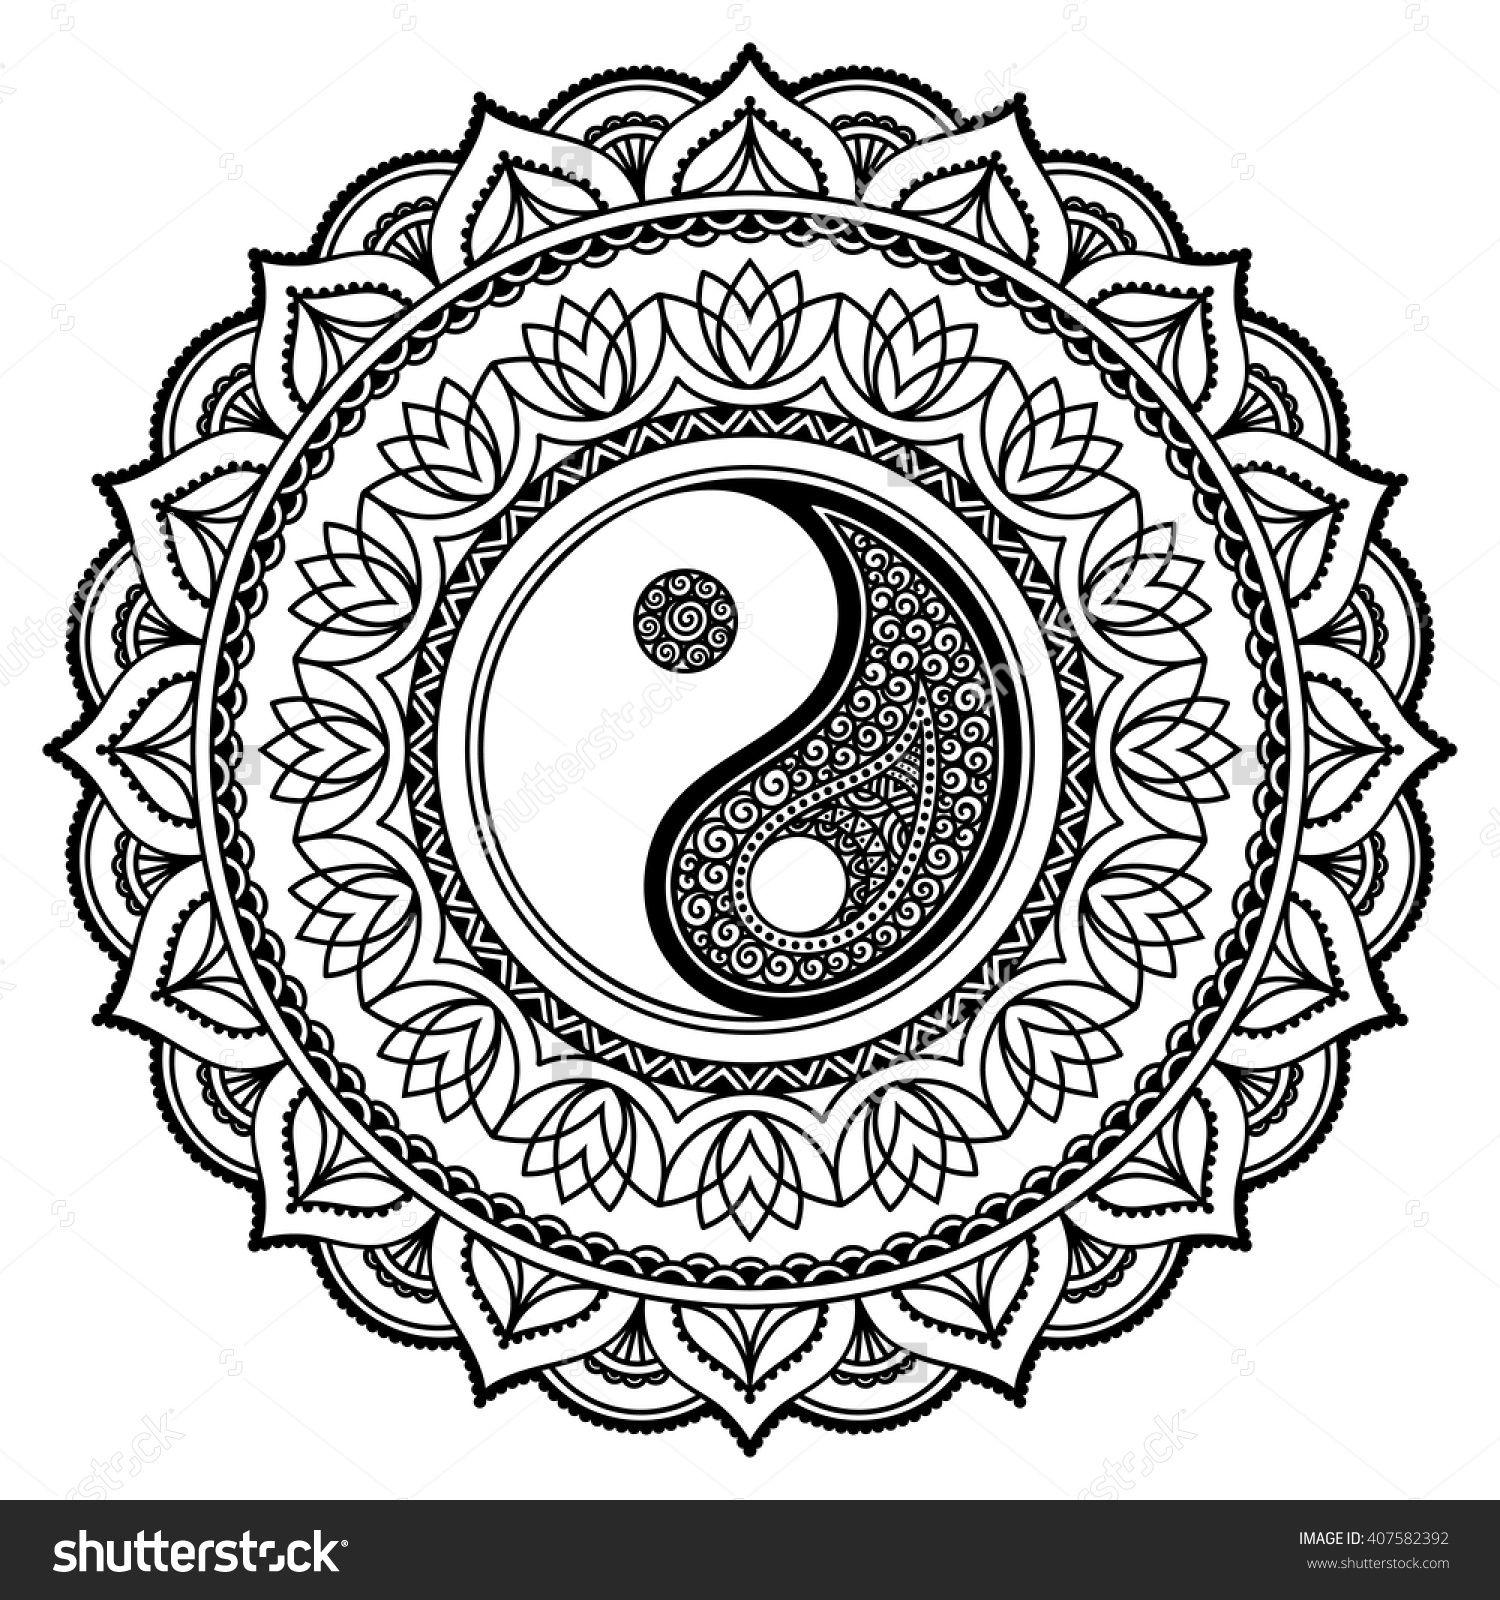 Yin yang coloring sheets - Adult Coloring